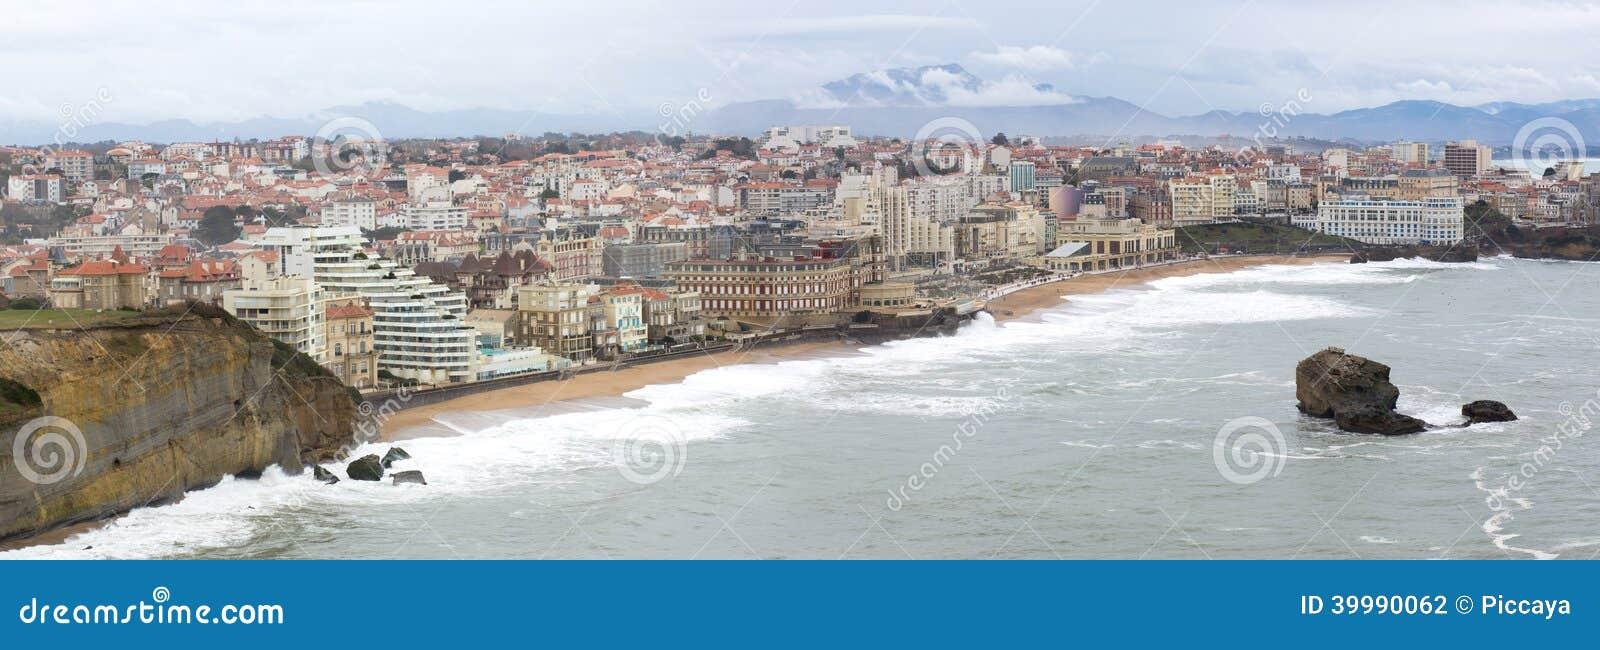 Panorama nad miasteczkiem Biarritz, Francja